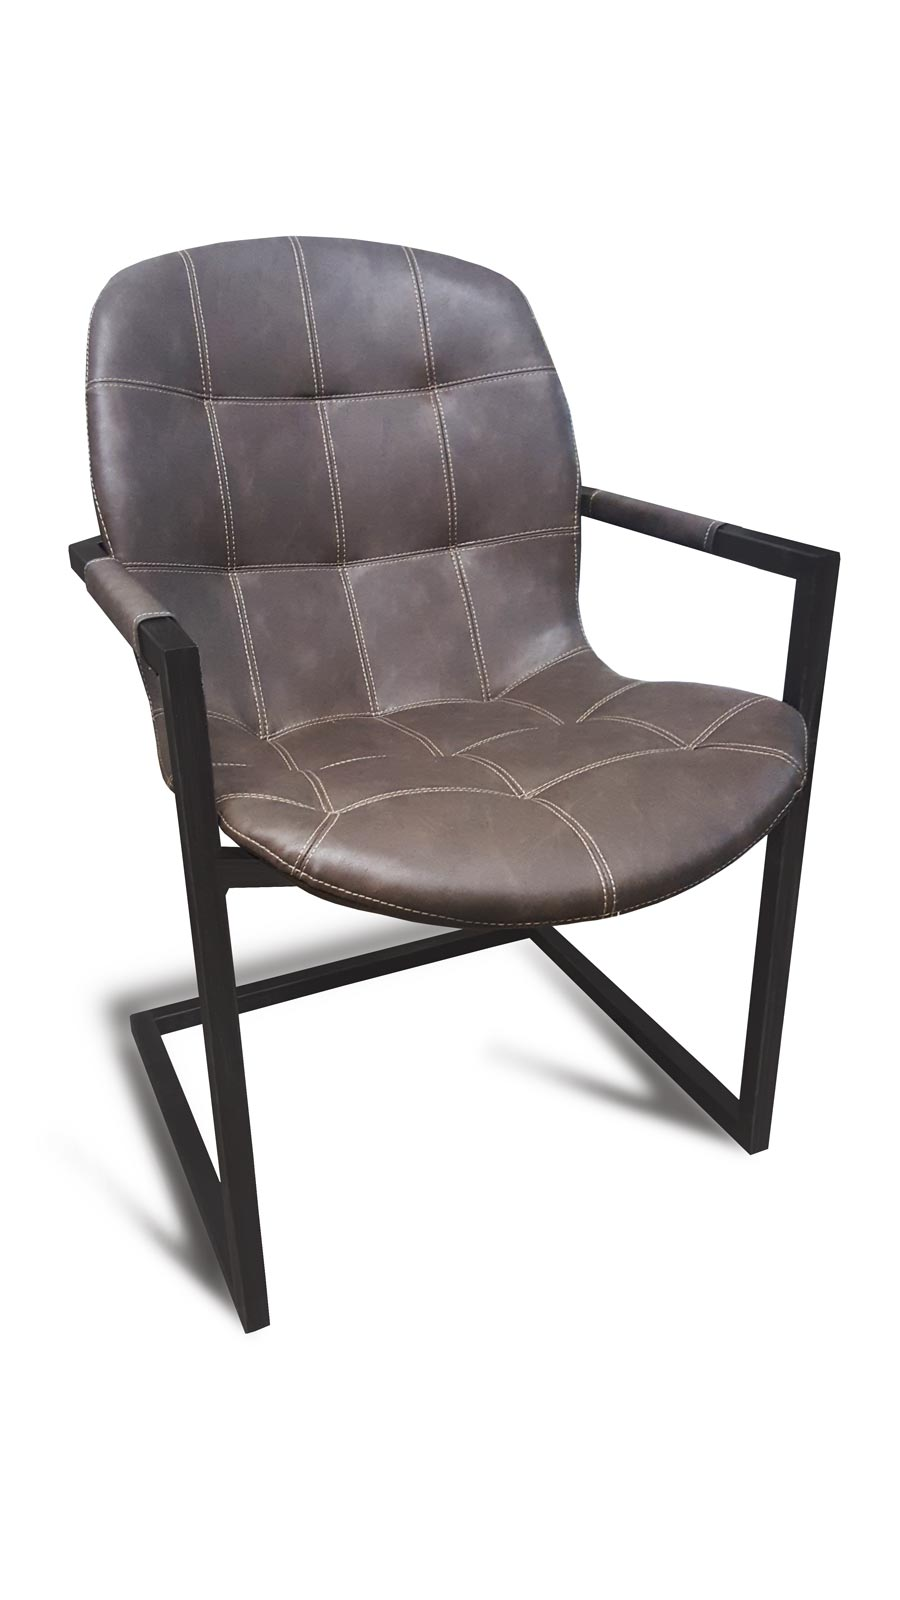 krzesło savanna